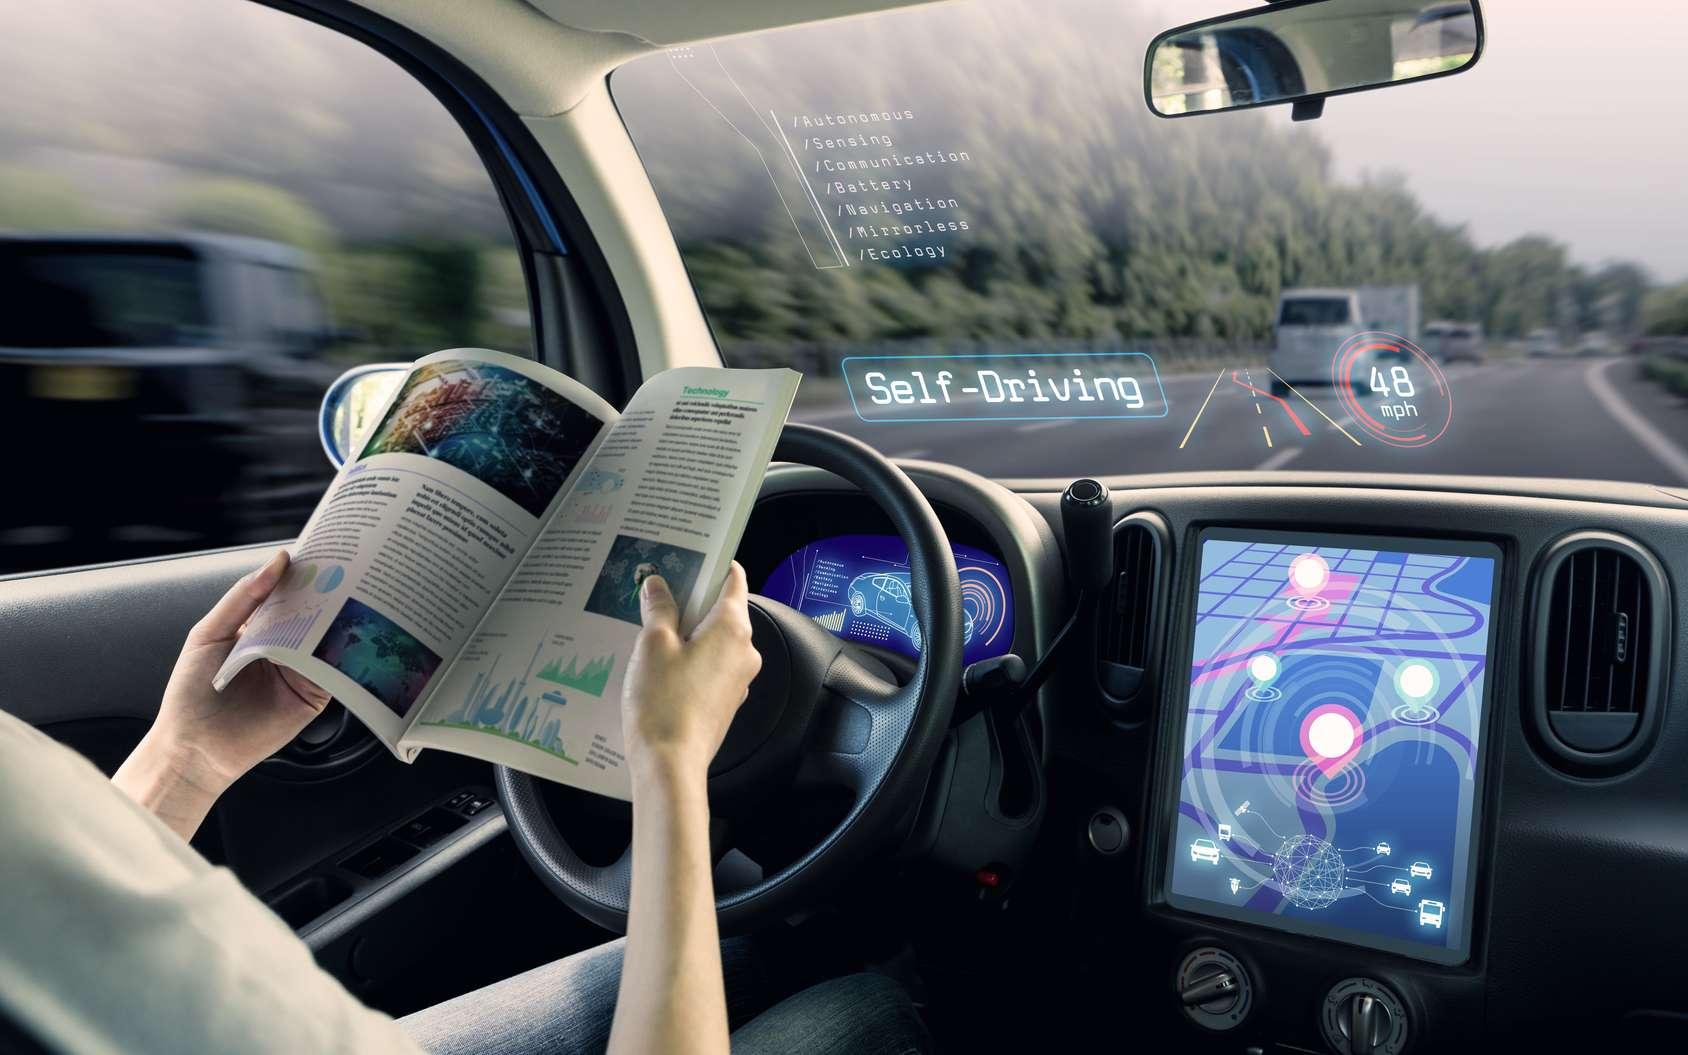 En Californie, 321 voitures autonomes sont autorisées à circuler sur routes ouvertes. © Metamorworks, Fotolia